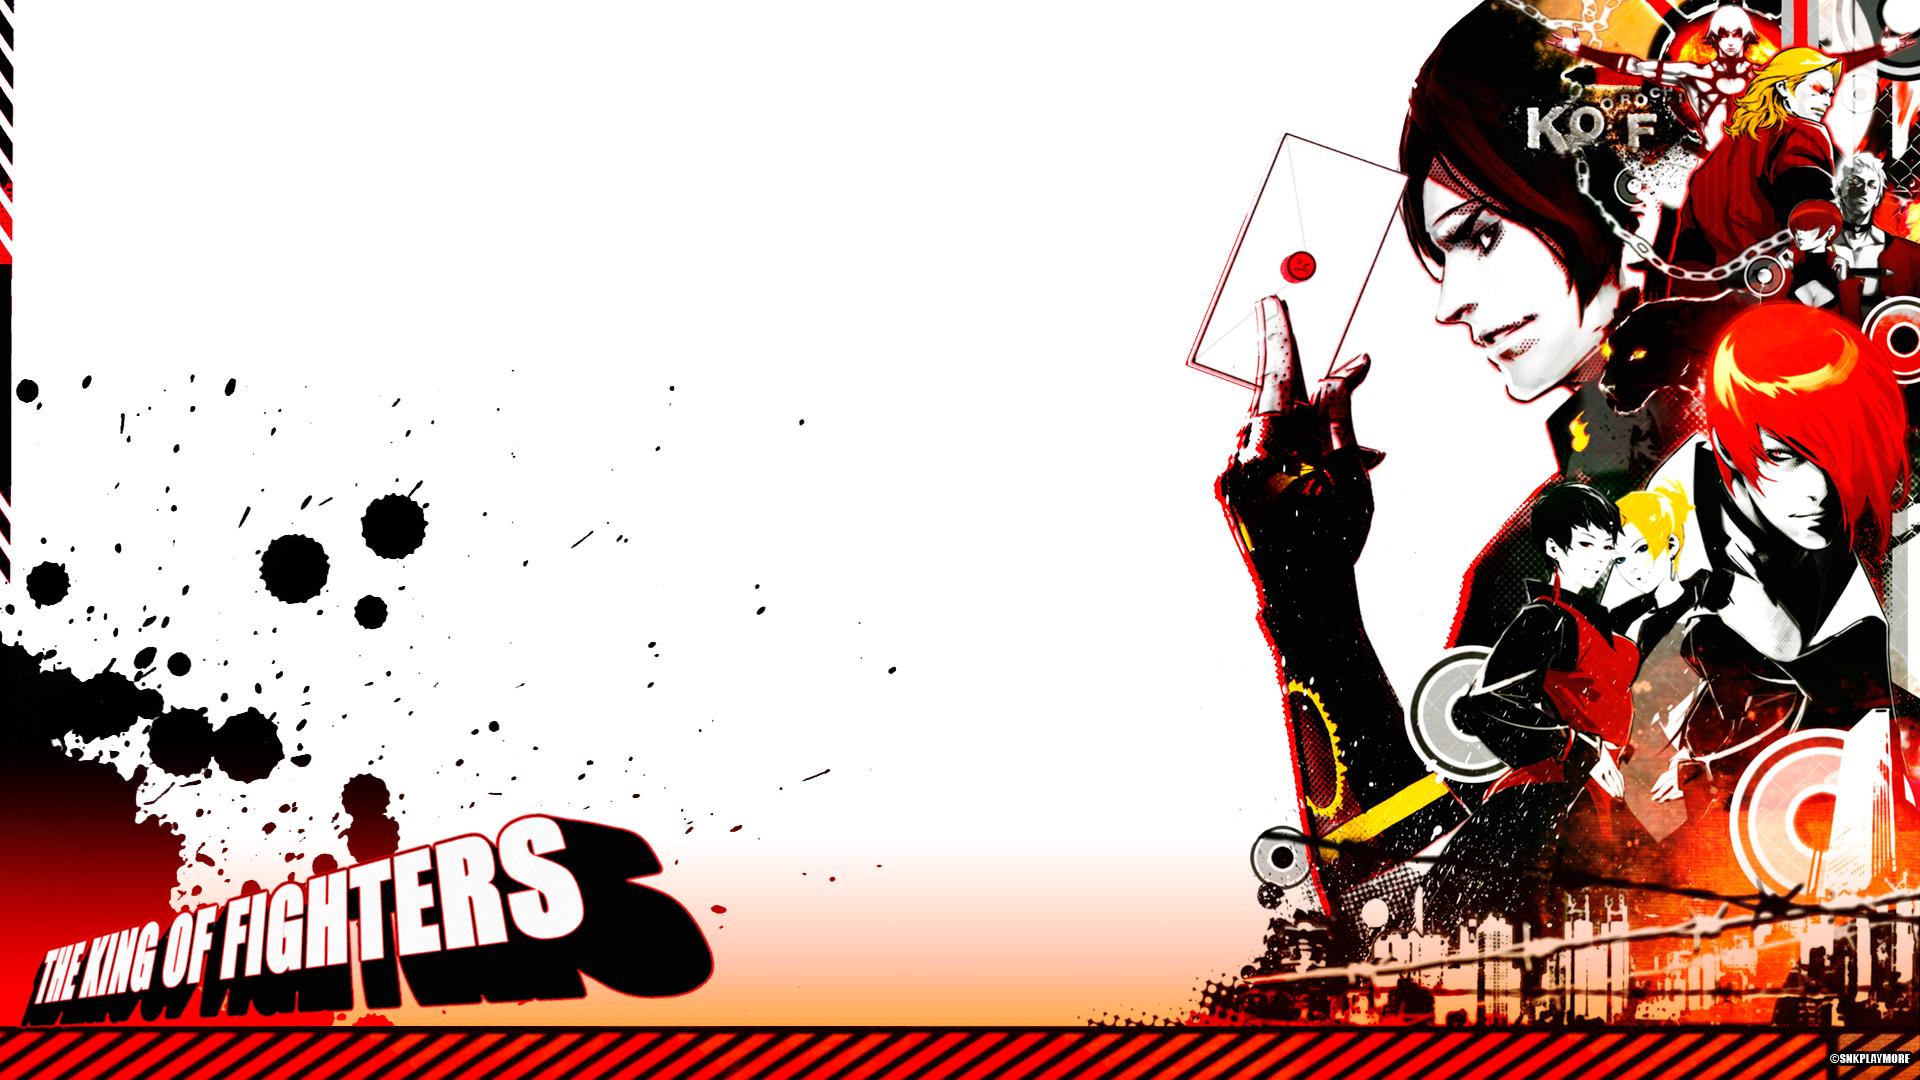 King Of Fighters Hd Wallpaper 903318 Zerochan Anime Image Board